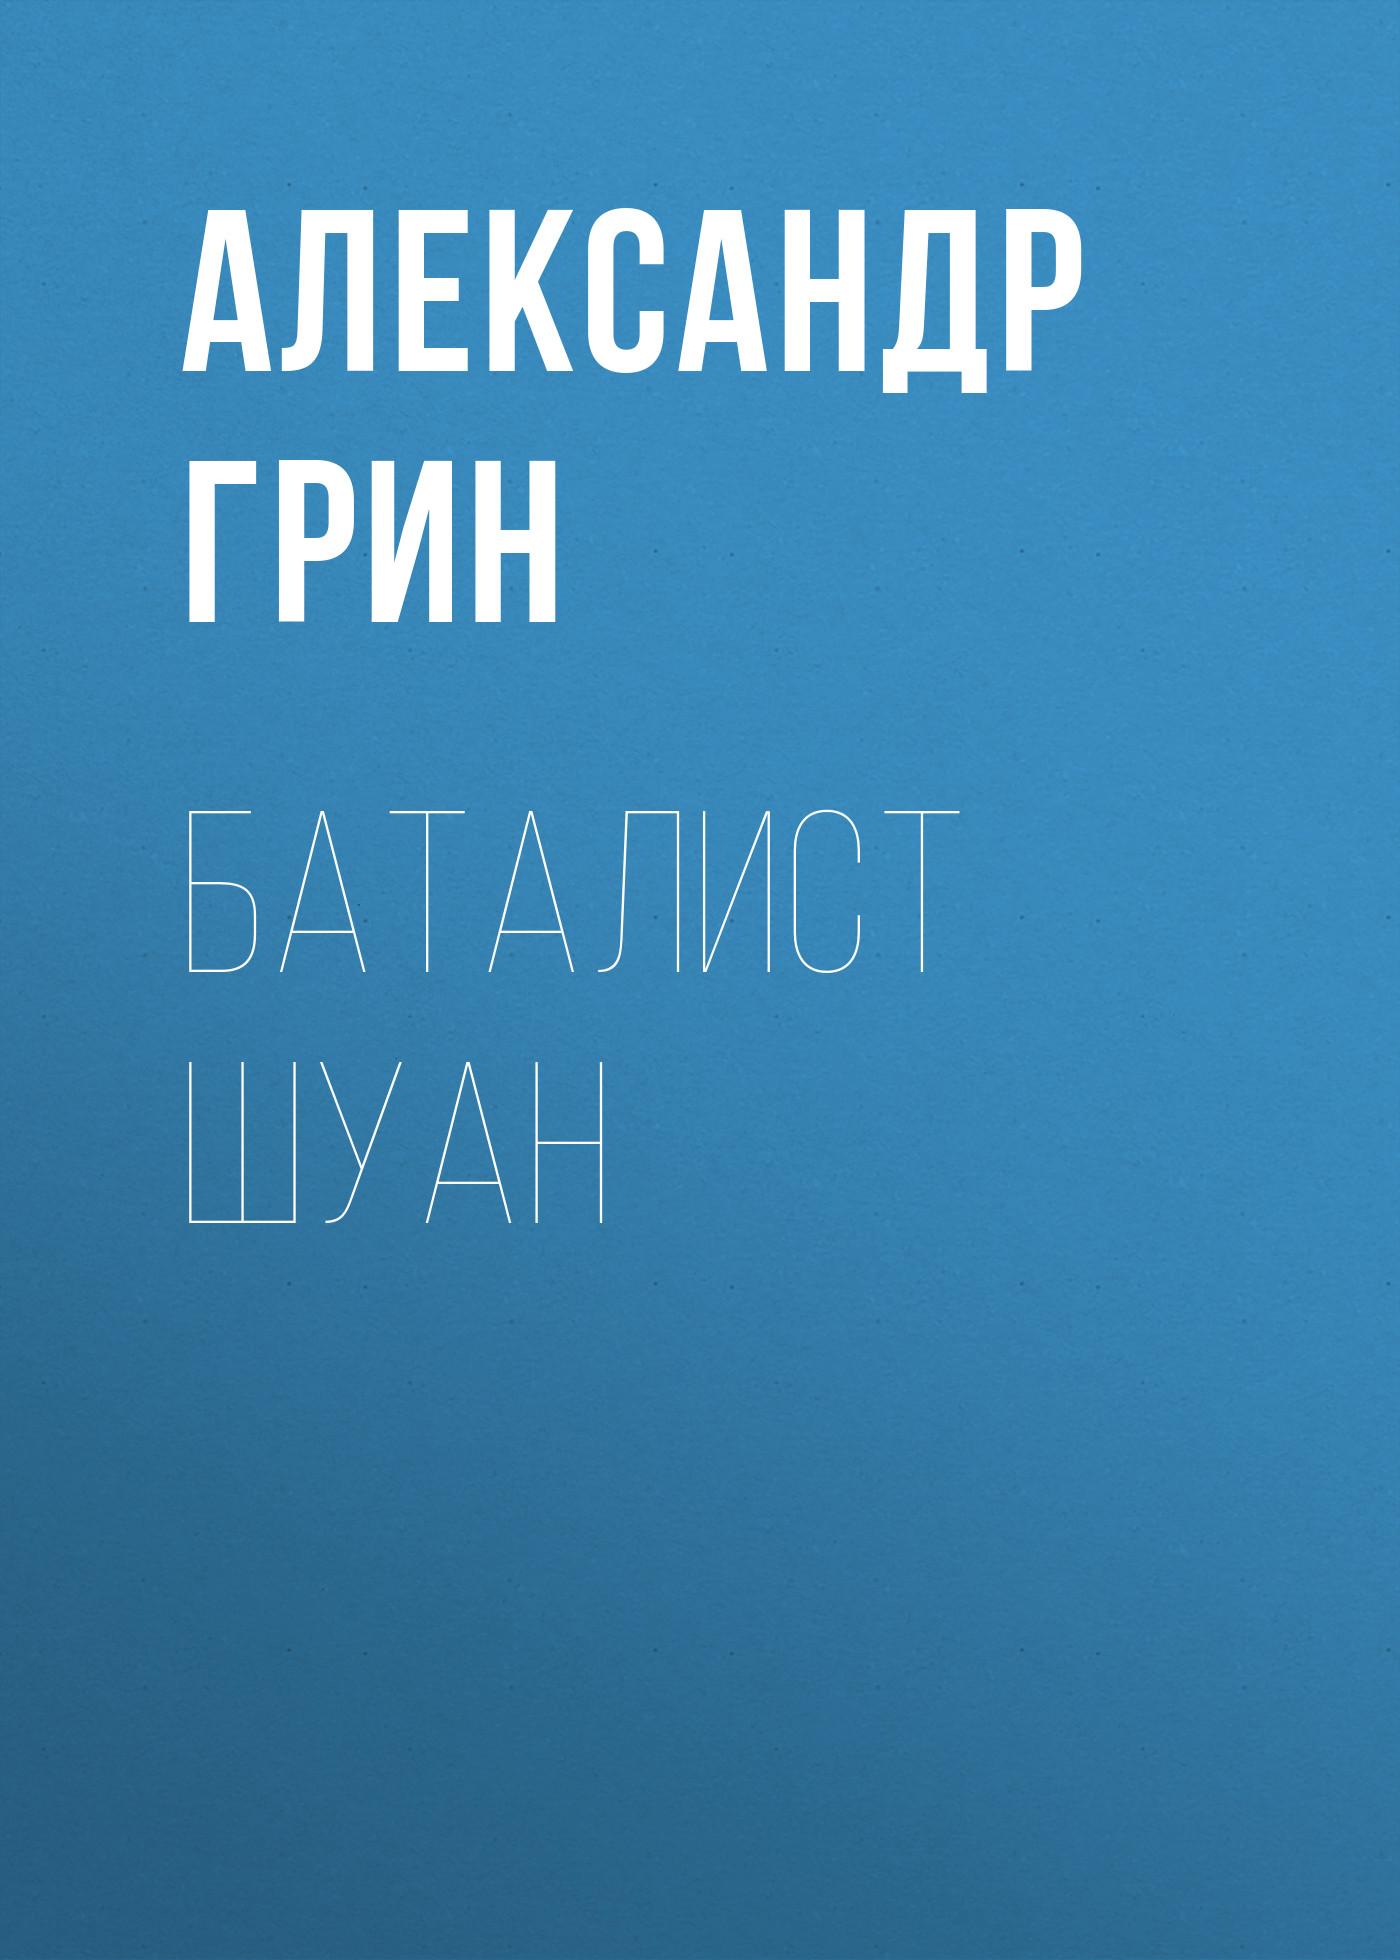 Баталист Шуан